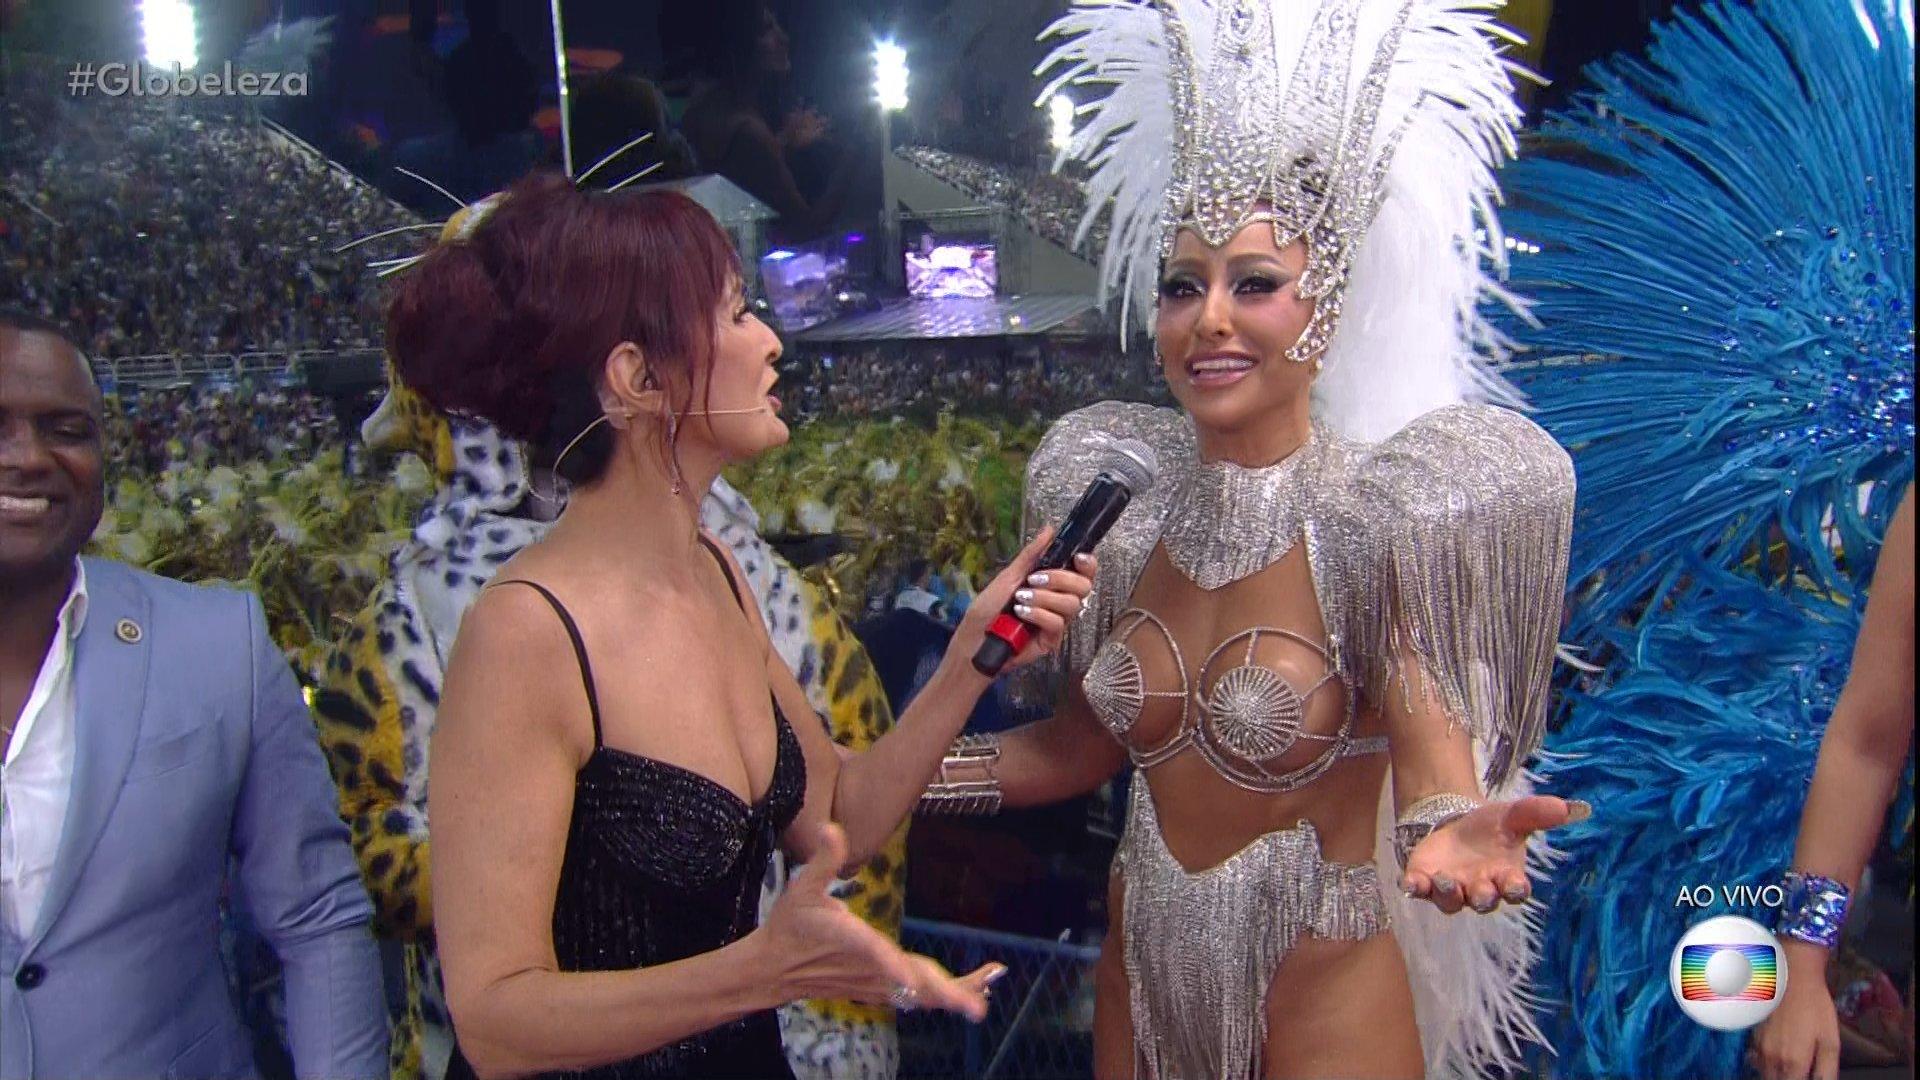 Fátima Bernardes e Sabrina Sato na transmissão dos desfiles do Carnaval do Rio, que bombou audiência da Globo (Foto: Reprodução/Globo)